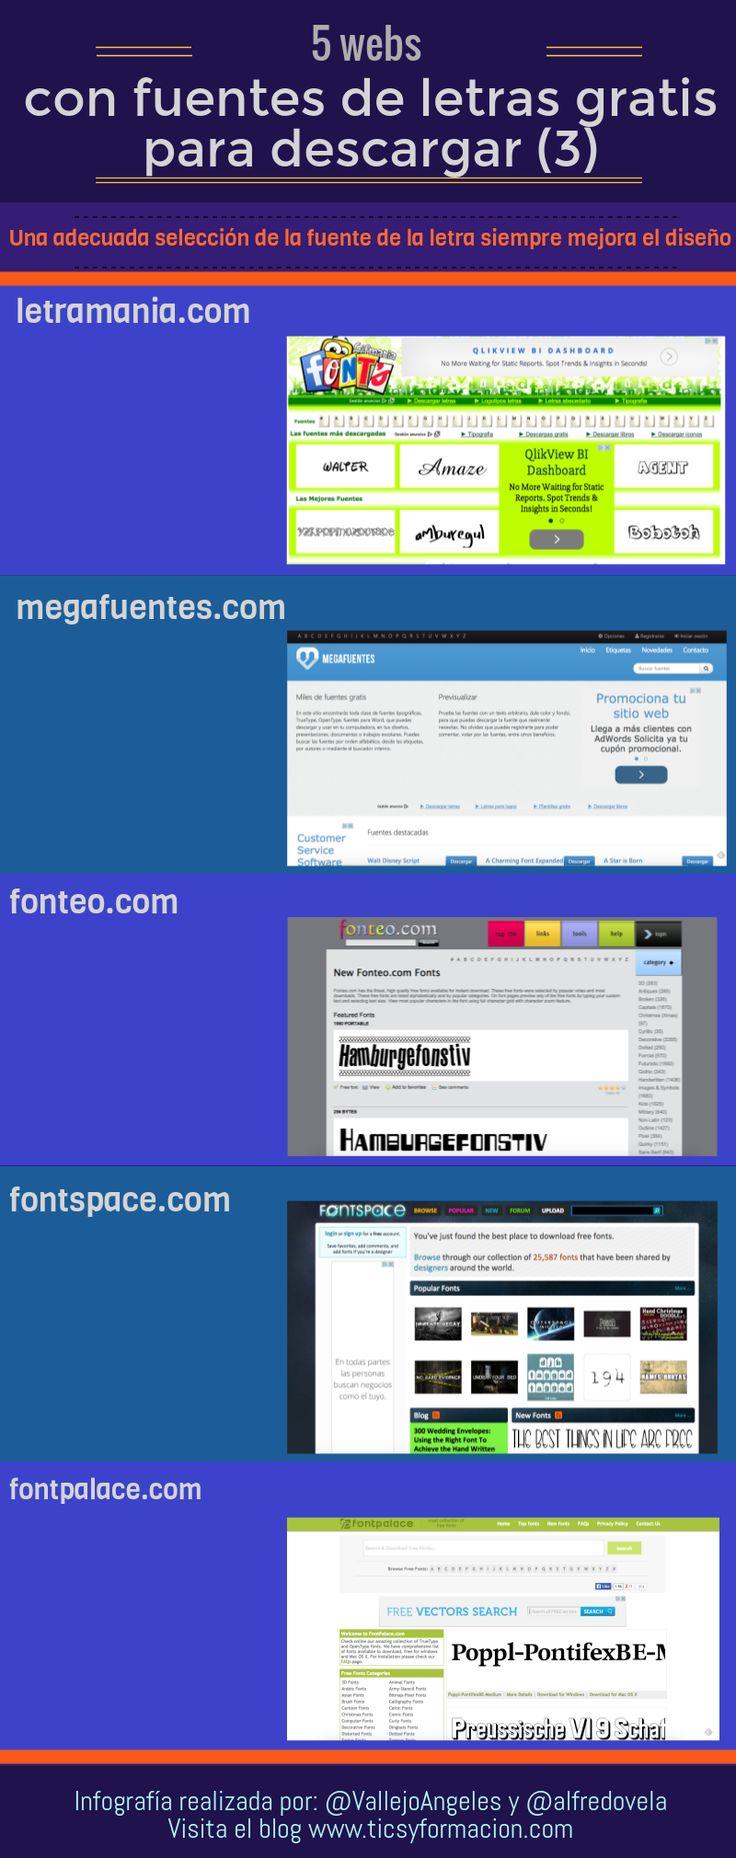 5 webs con fuentes de letras gratis (3)